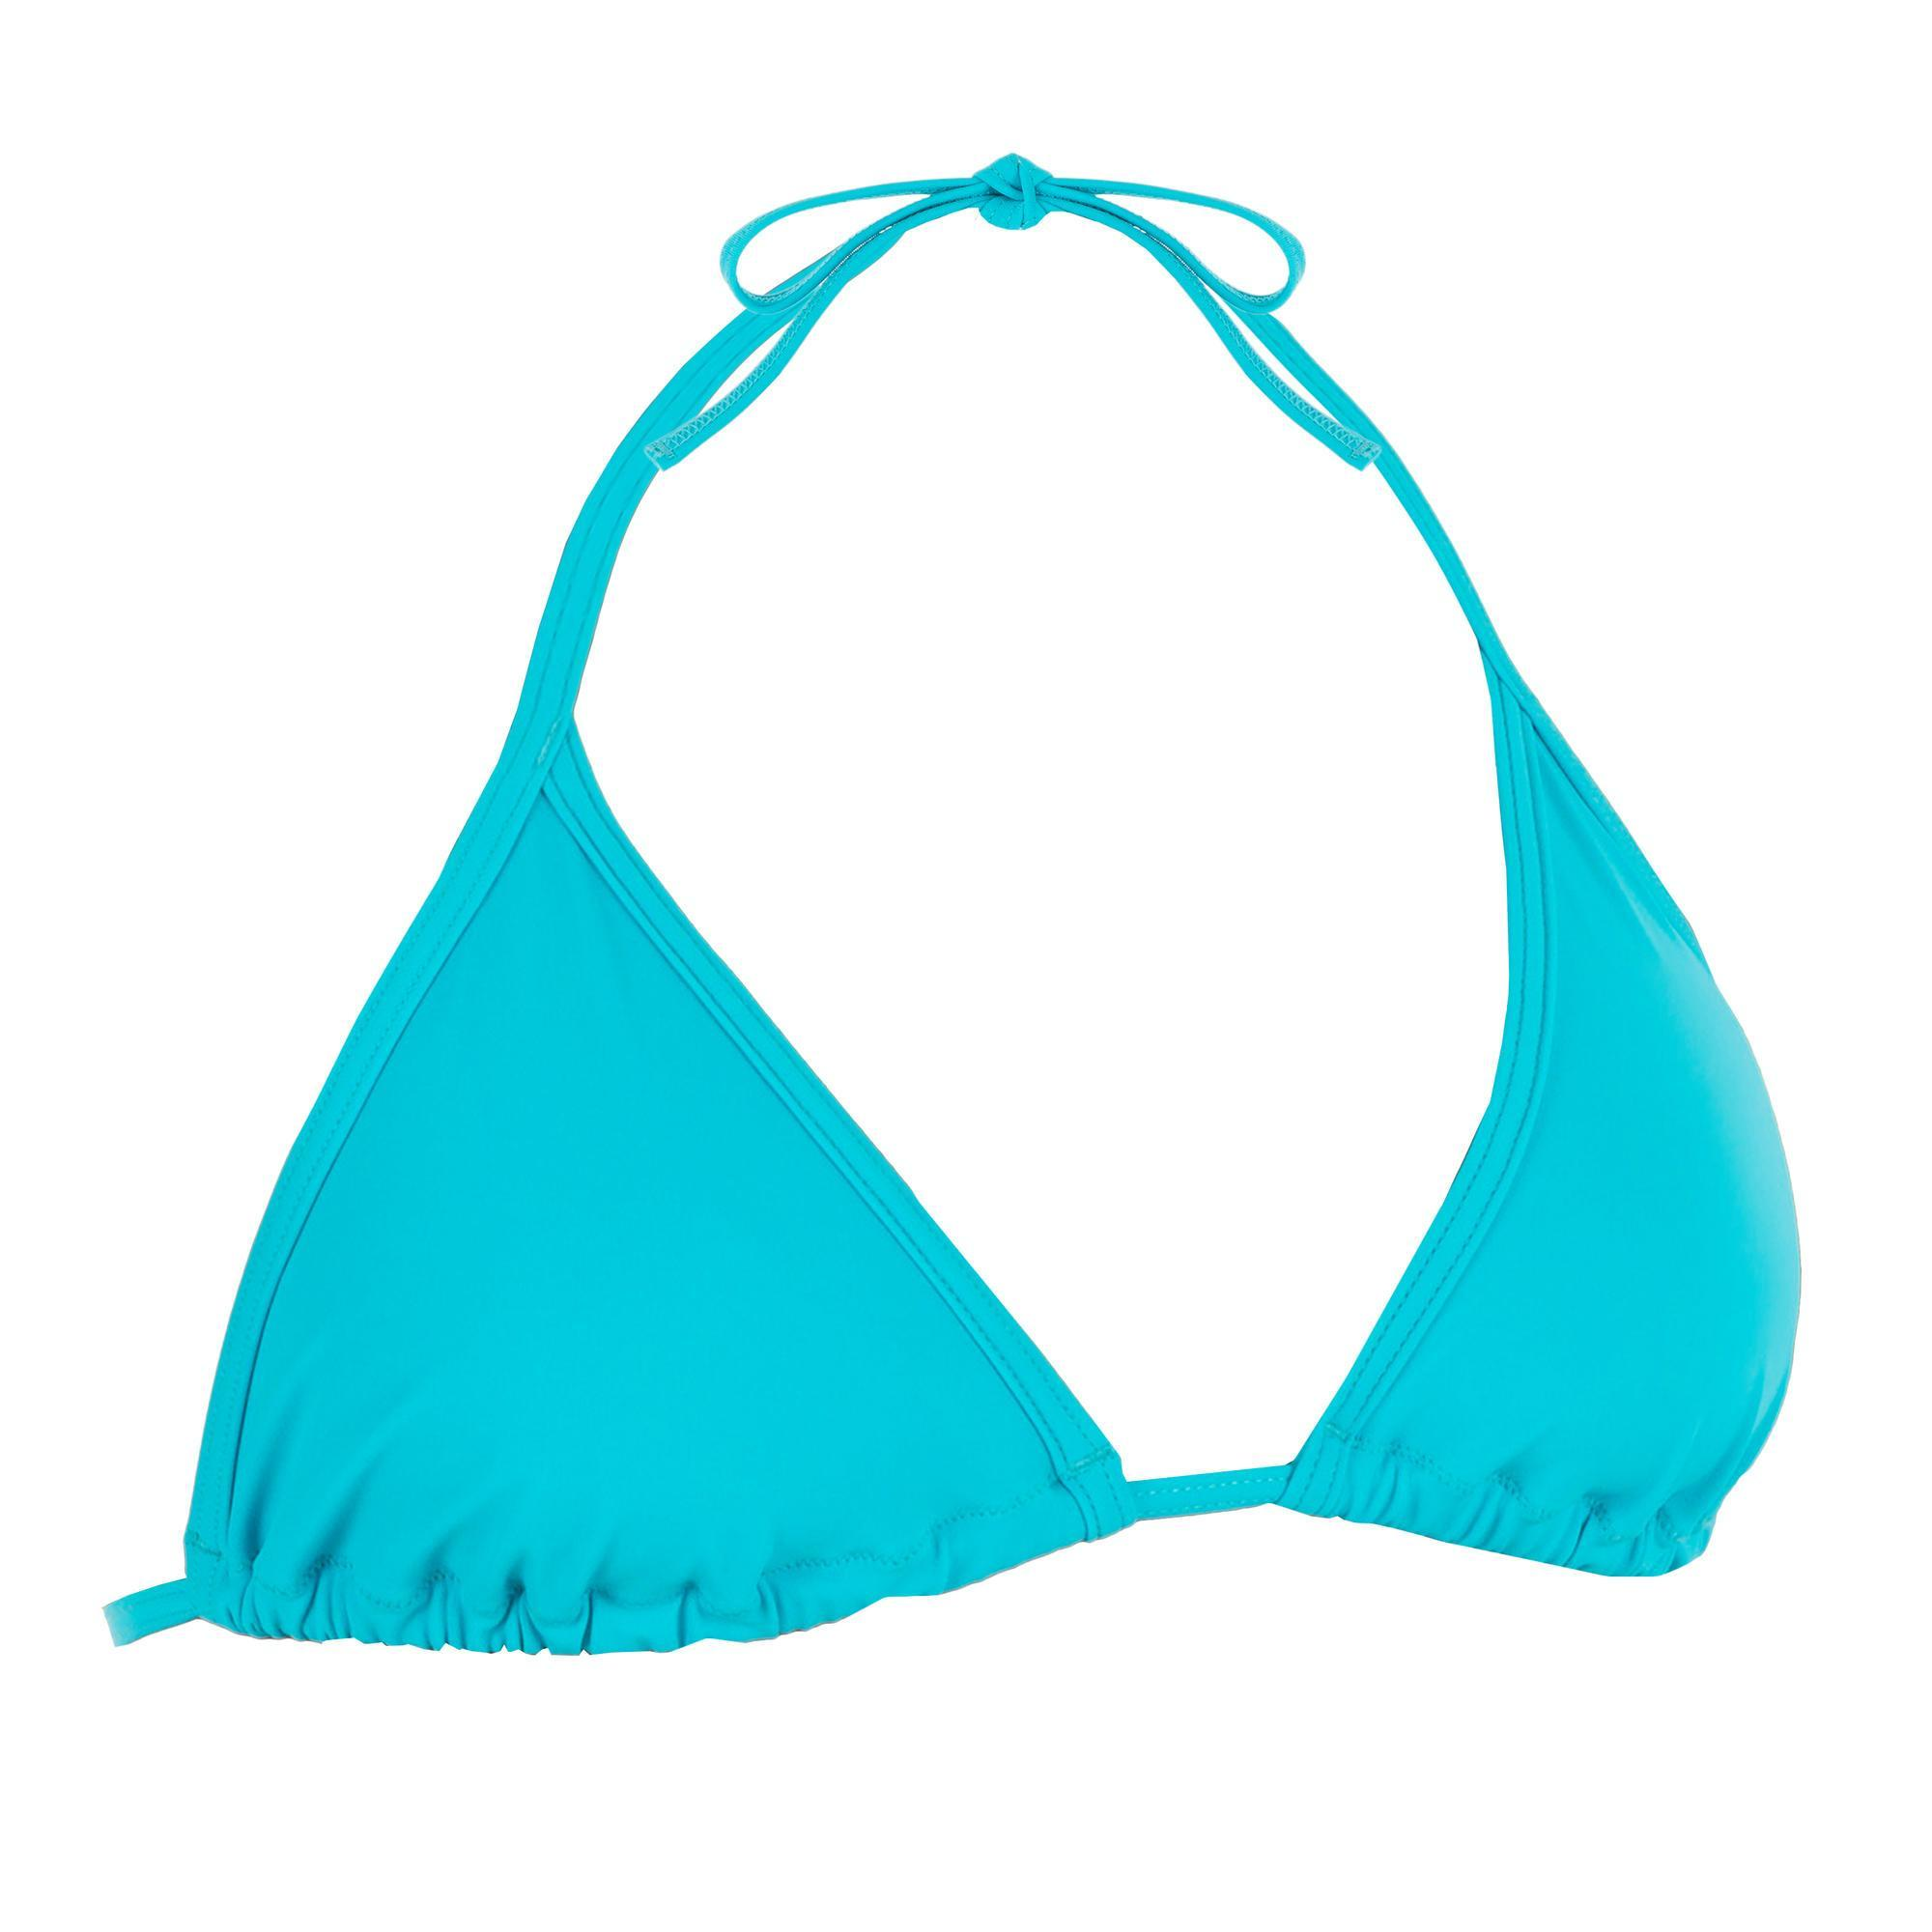 Haut de maillot de bain femme triangle coulissant mae turquoise olaian